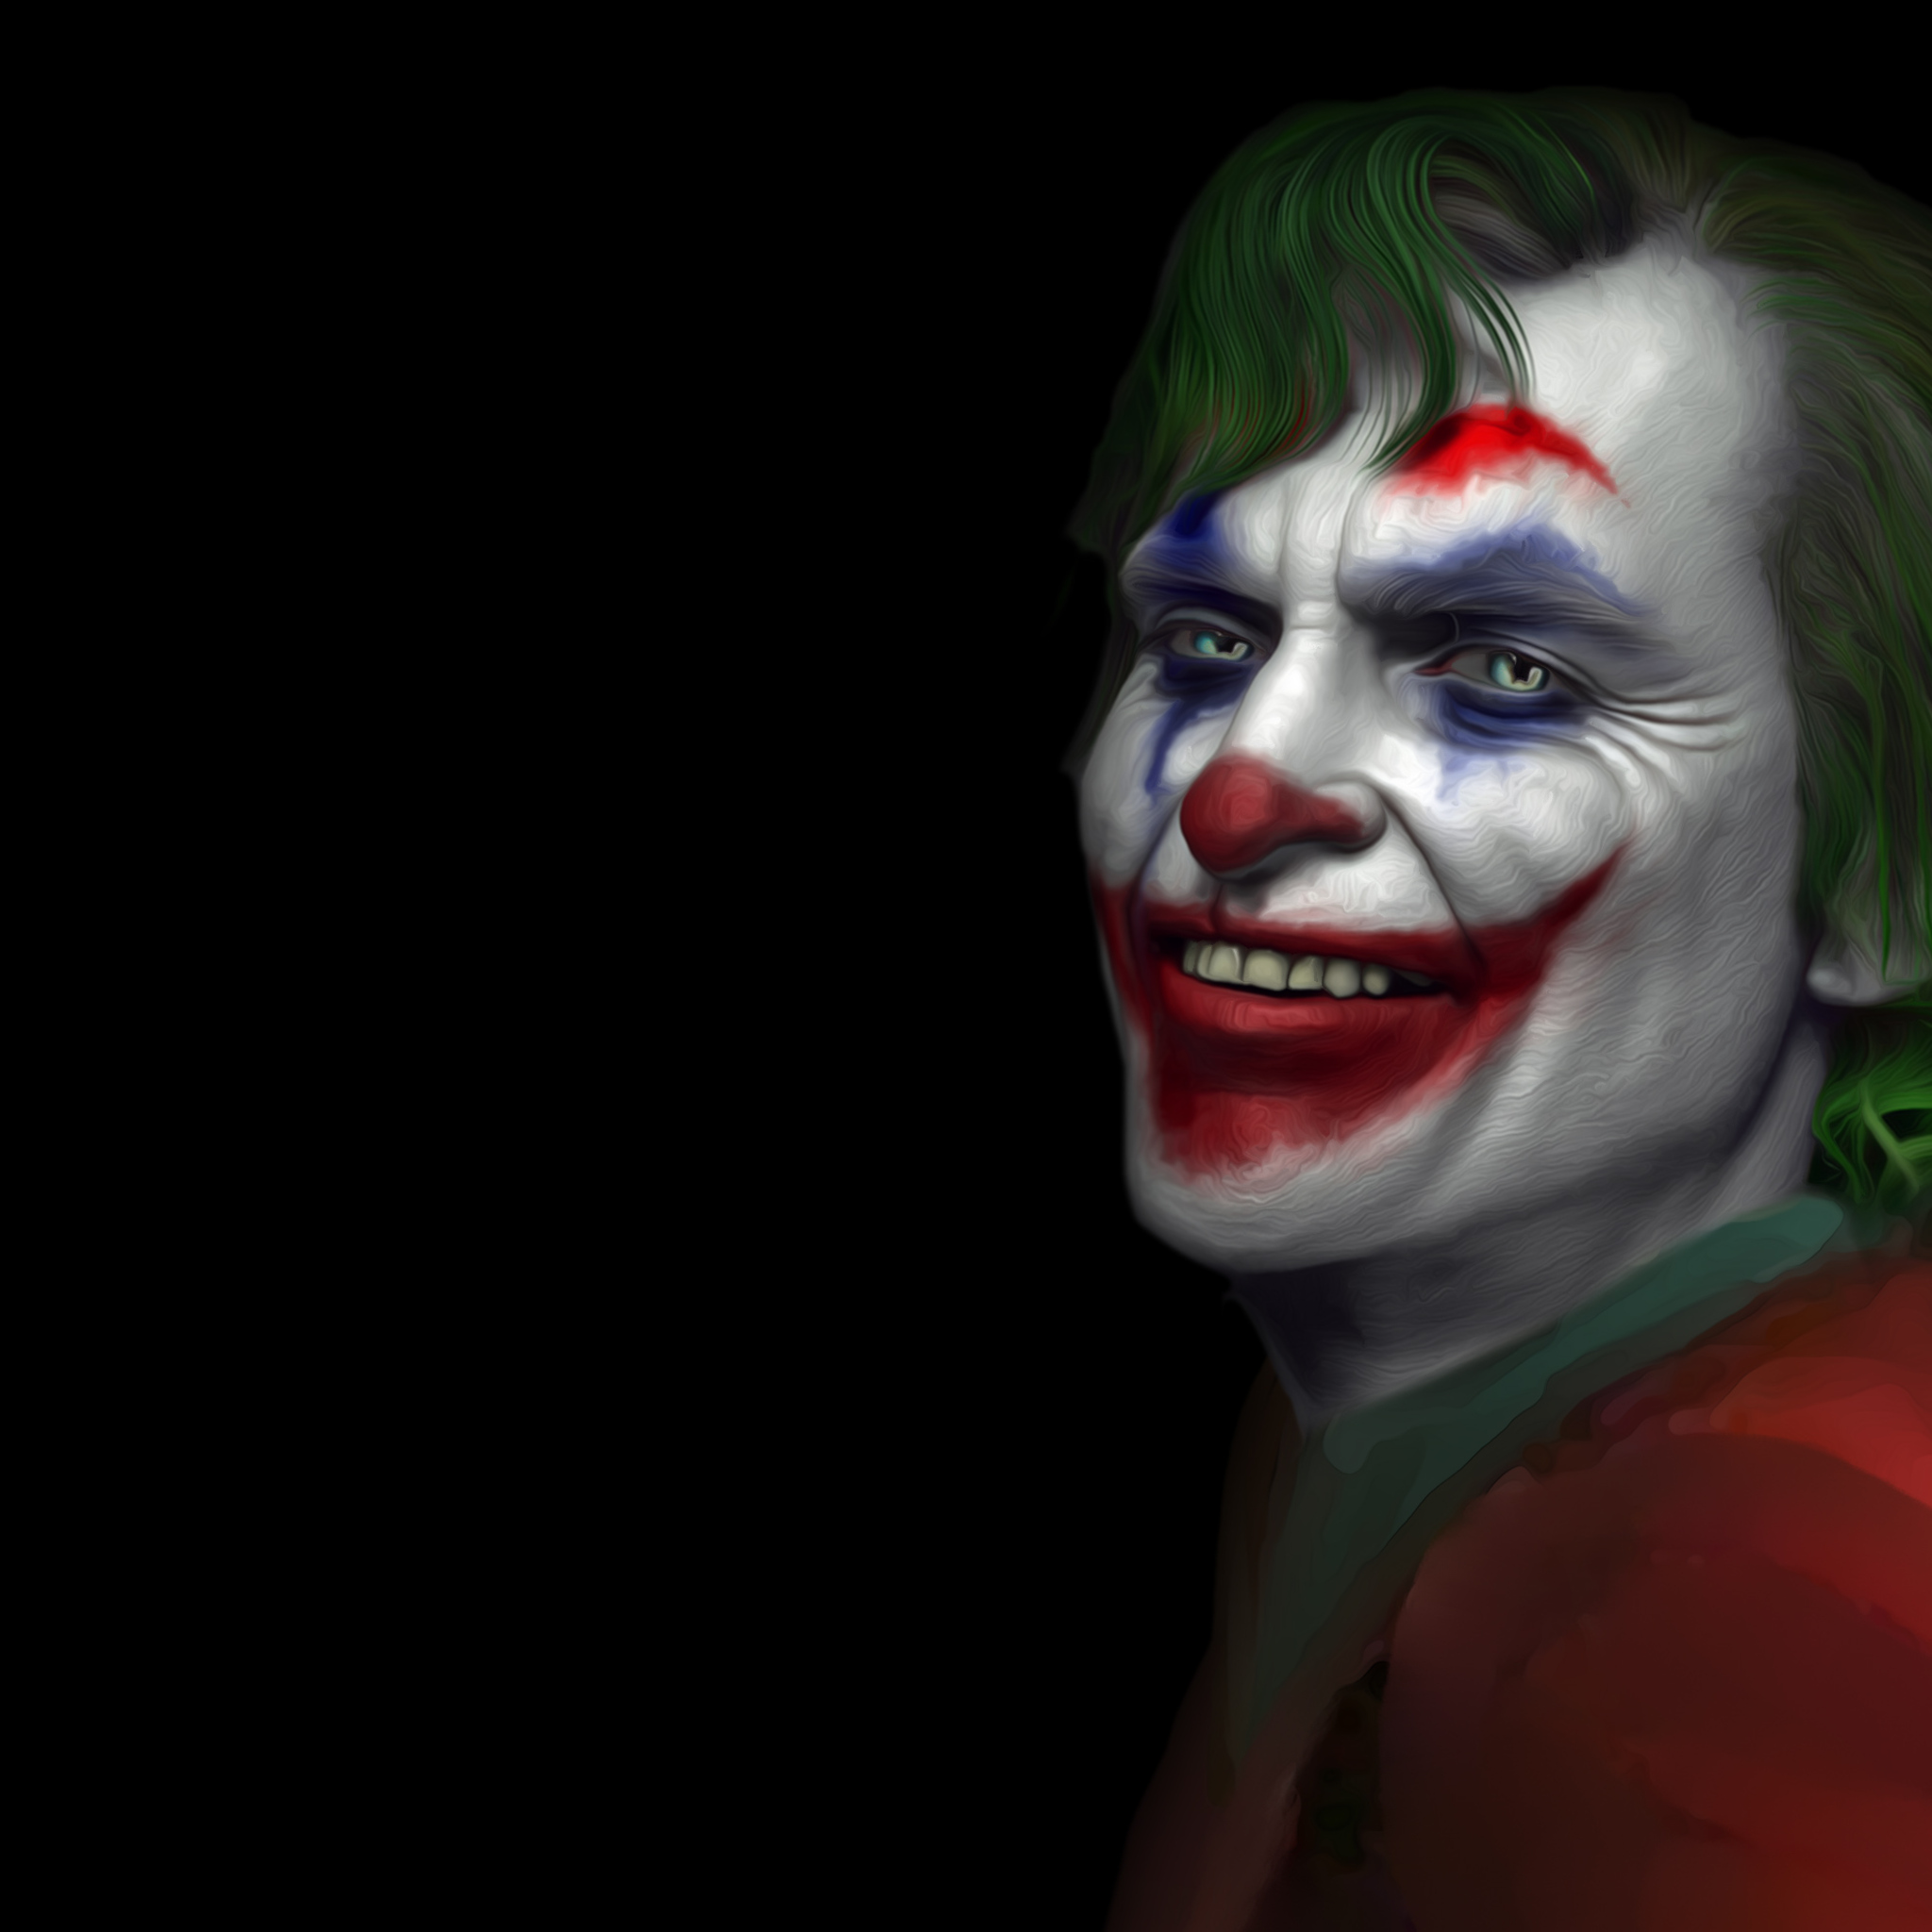 2048x2048 Joker Movie Joaquin Phoenix 2019 Ipad Air Hd 4k